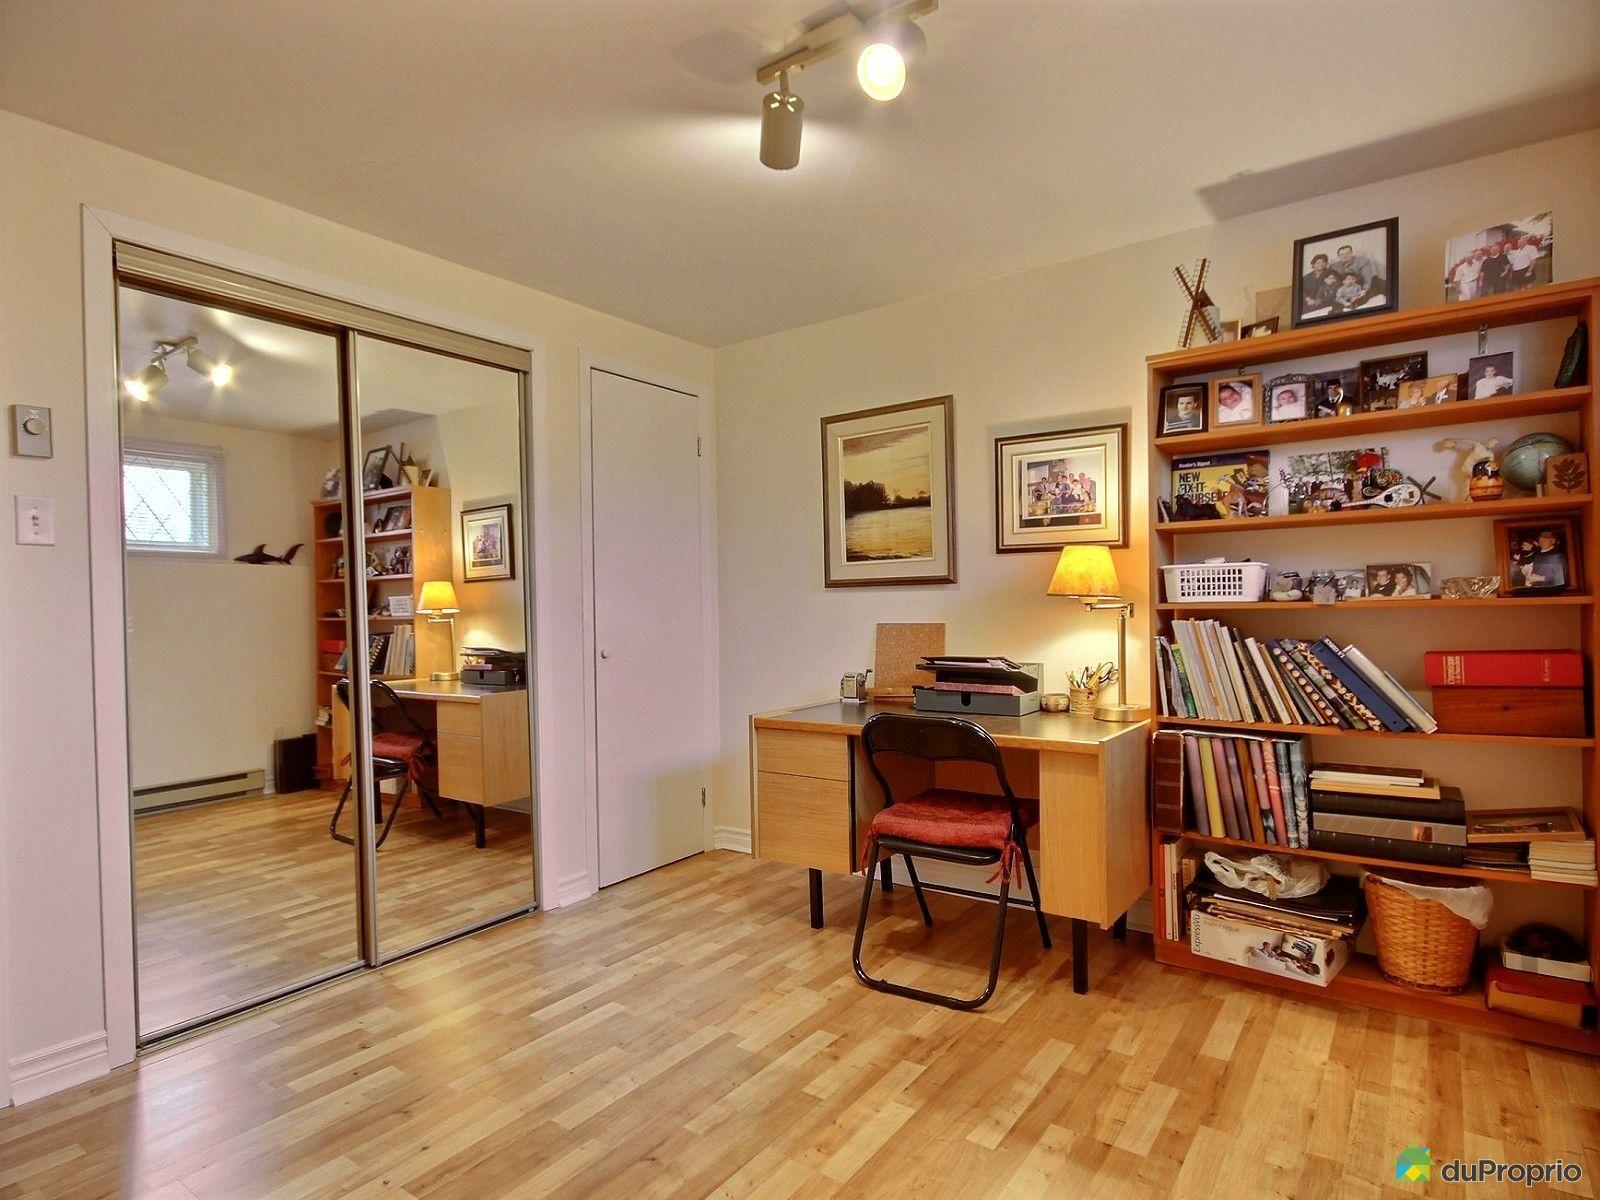 Maison vendu st luc immobilier qu bec duproprio 605276 for Chambre sans fenetre loi quebec